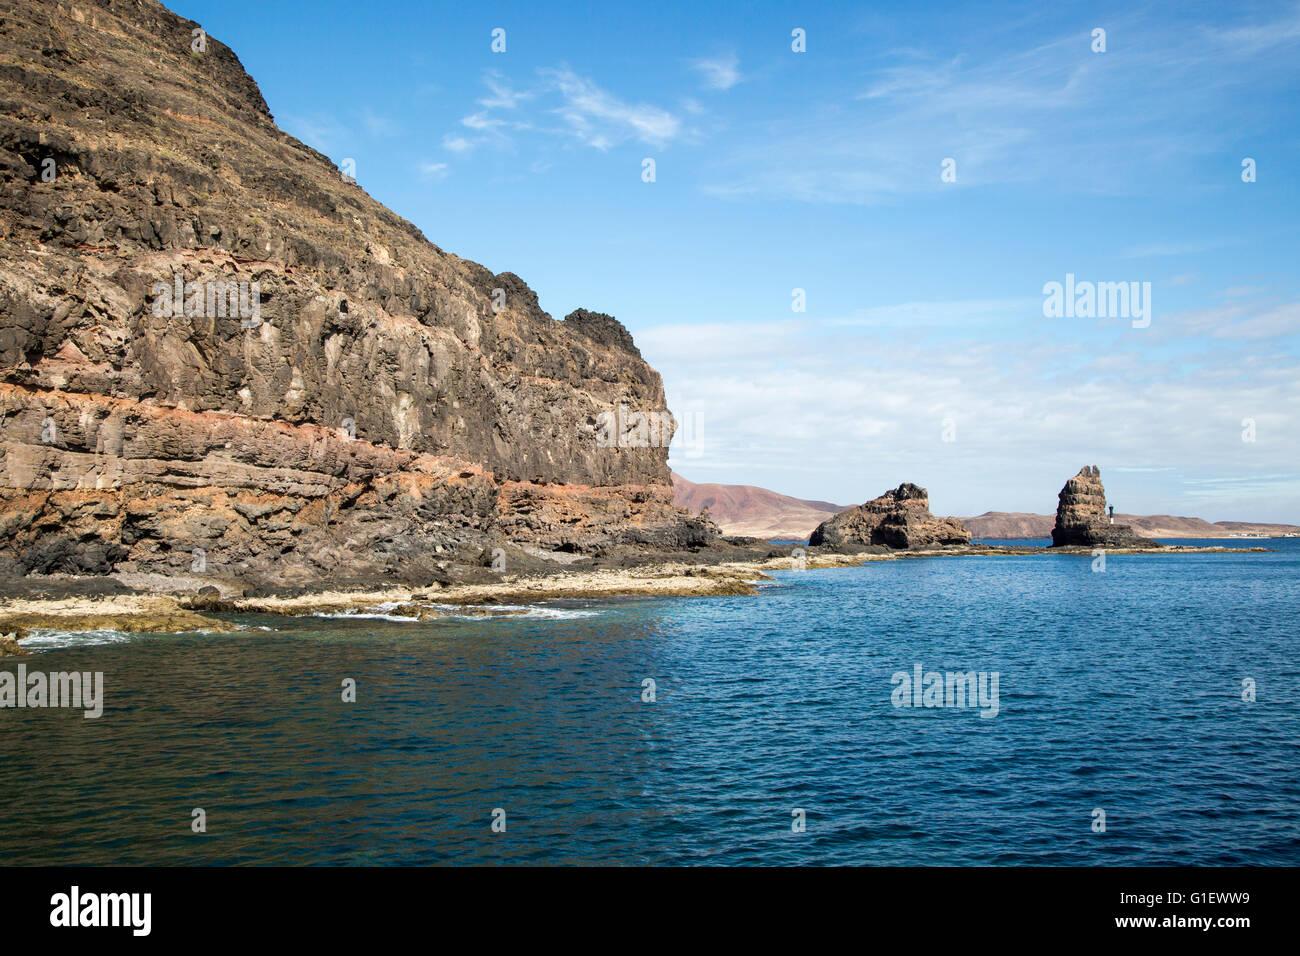 Felsige Landzunge von Punta Fariones, Chinijo-Archipel, Orzola, Lanzarote, Kanarische Inseln, Spanien Stockbild